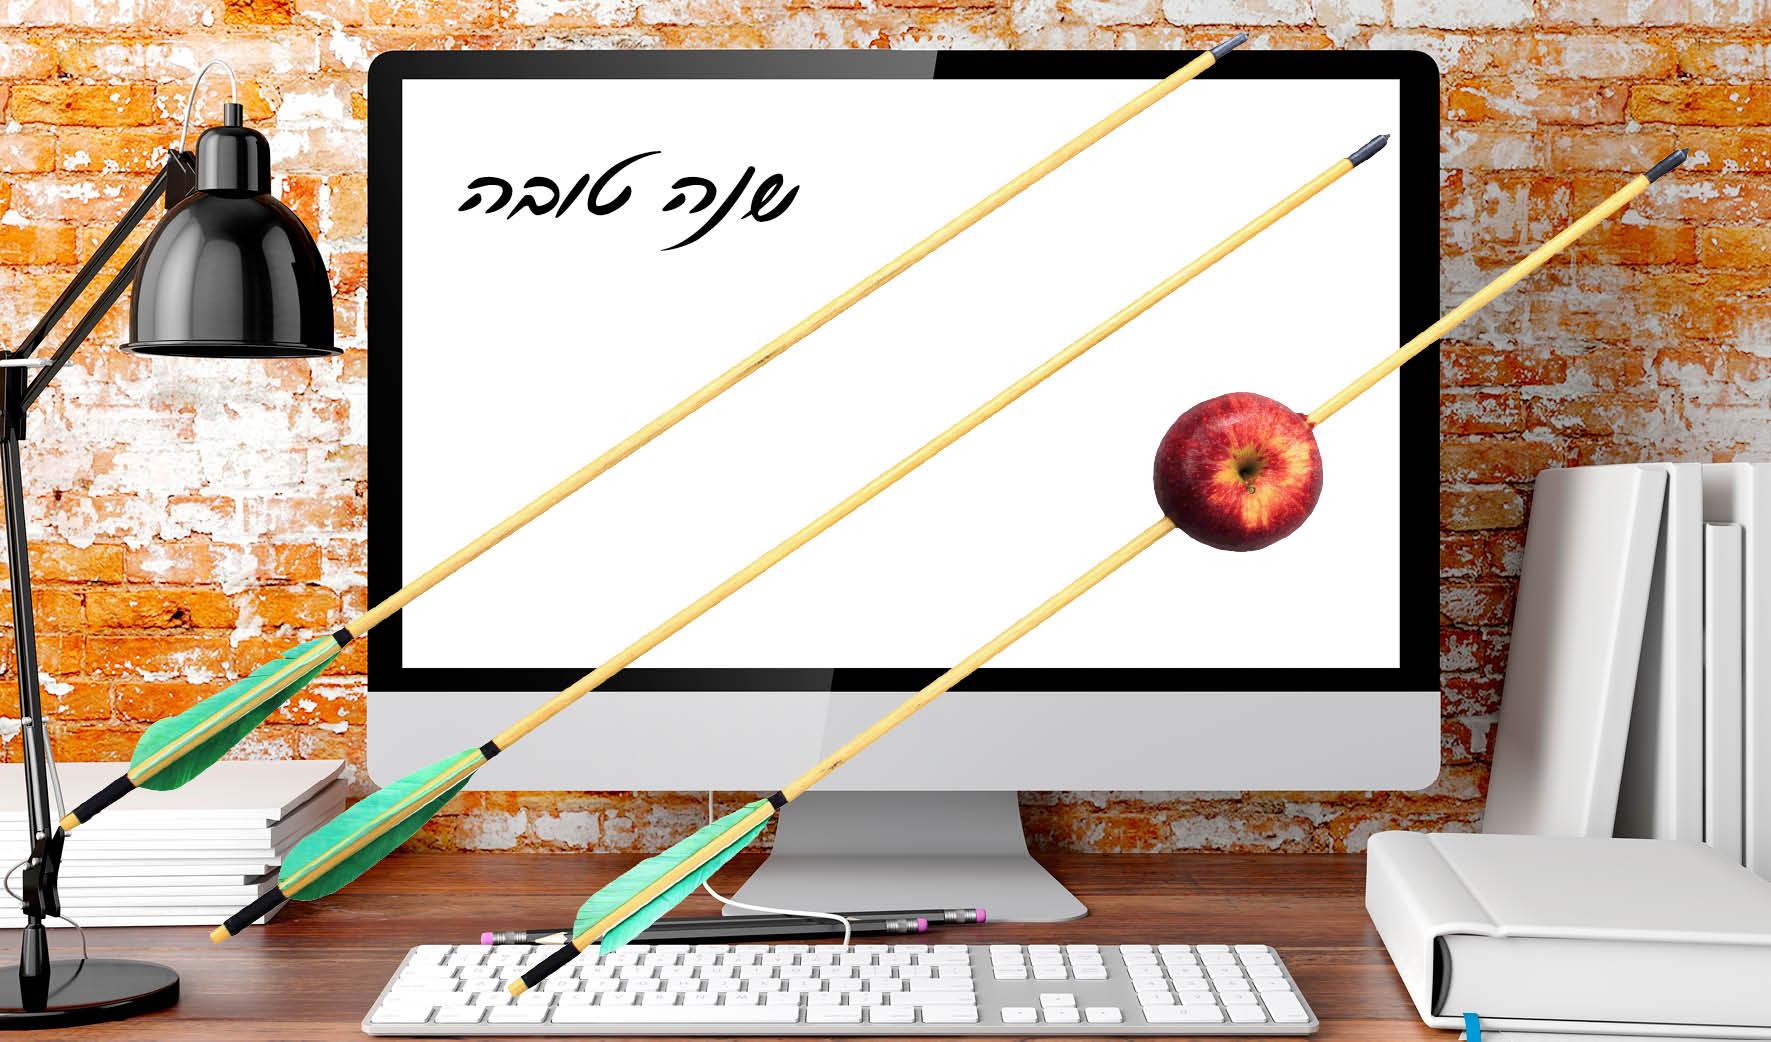 מחשב עם חצים